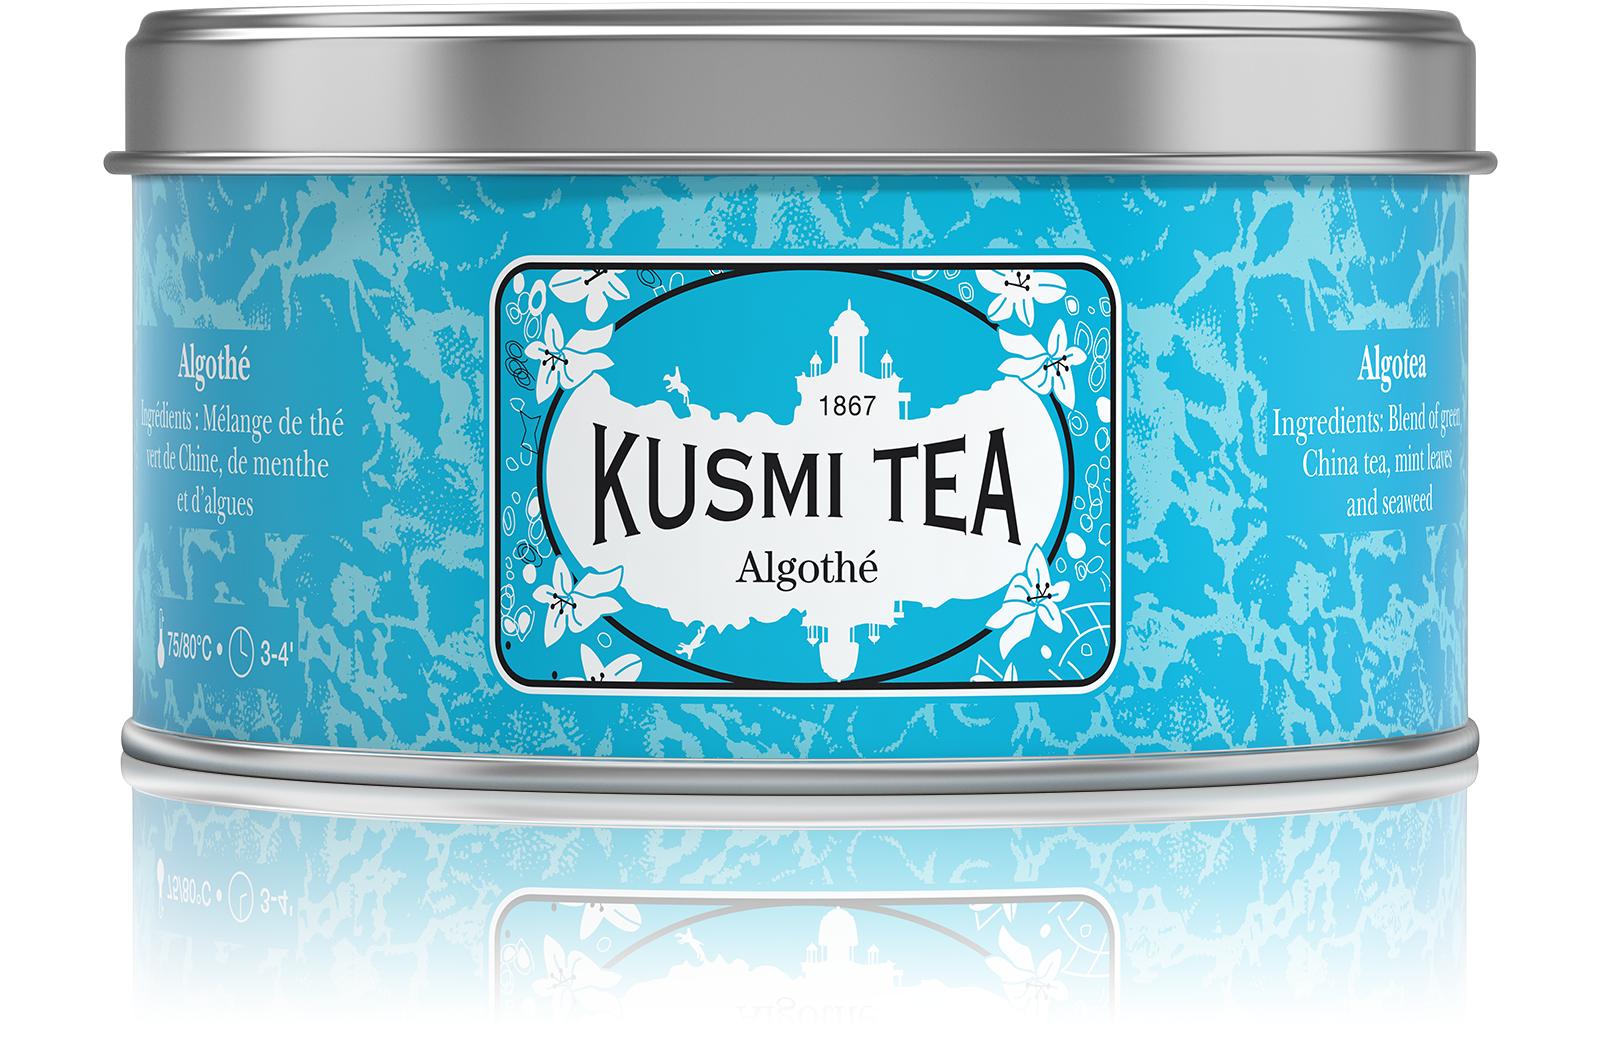 KUSMI TEA Algothé - Thé vert aromatisé aux algues et à la menthe - Kusmi Tea